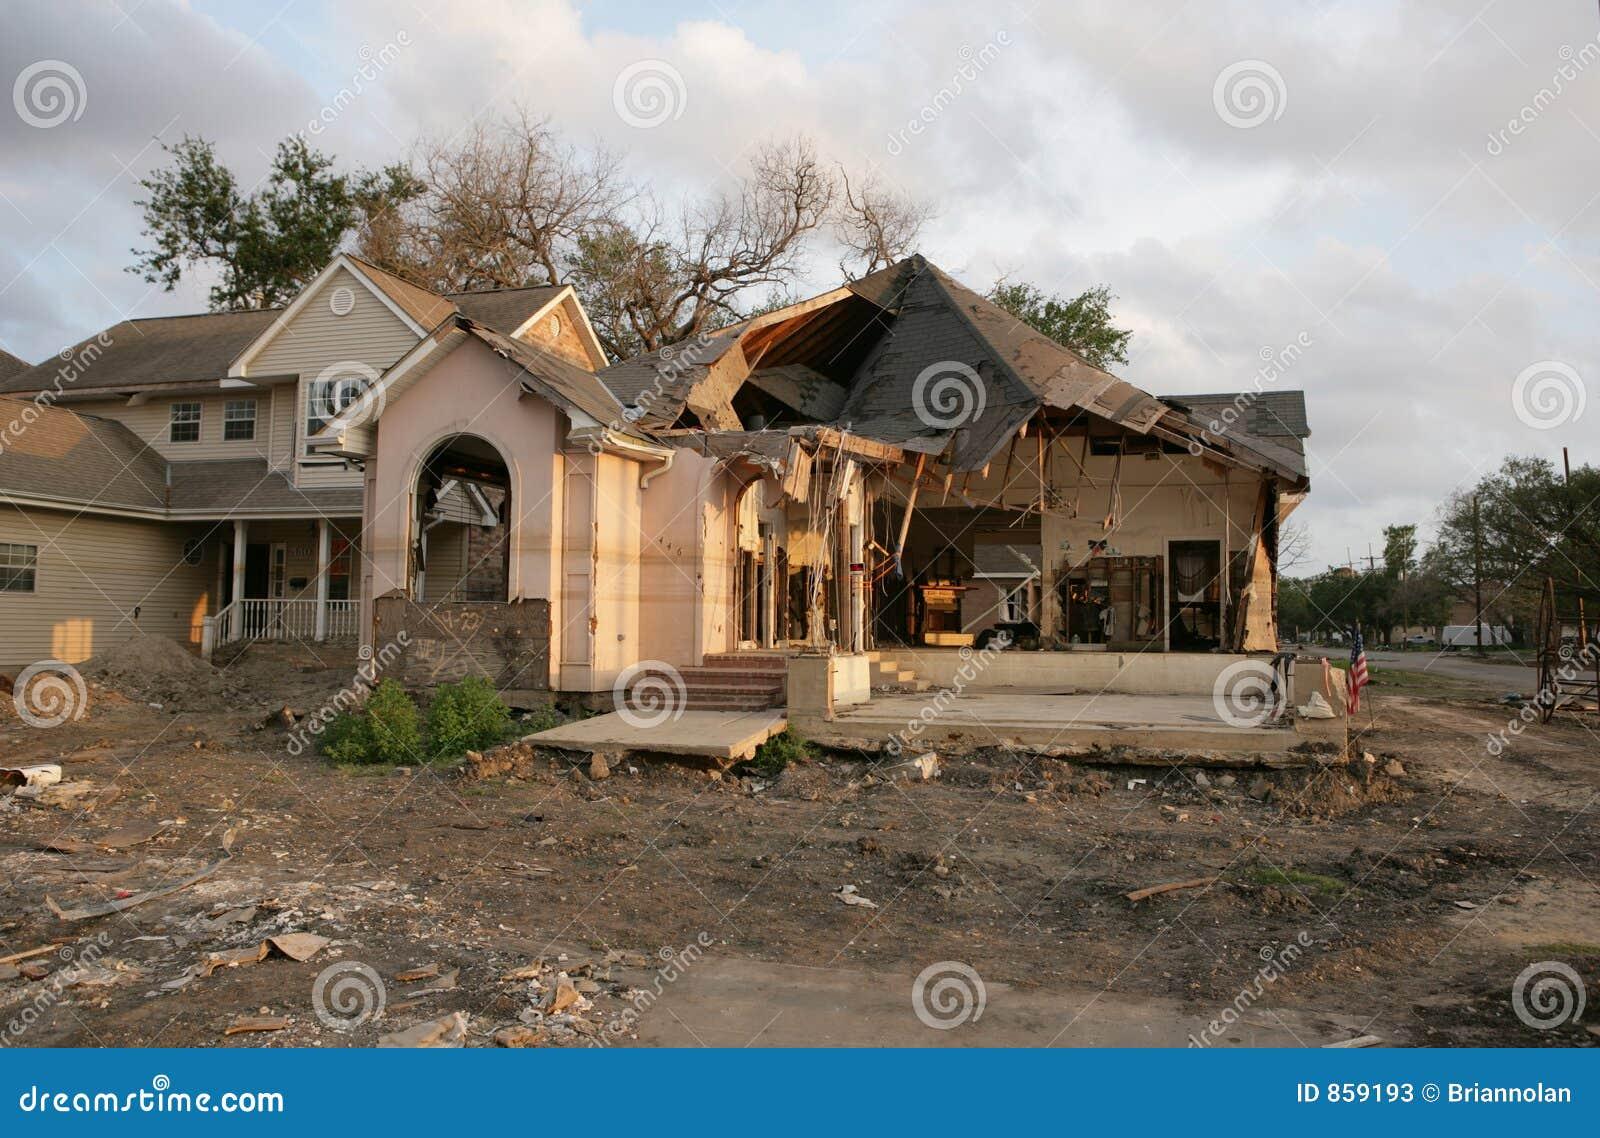 Post orkaan katrina een vloed beschadigd huis in new orleans dichtbij het 17de kanaal van de - Foto huis in l ...